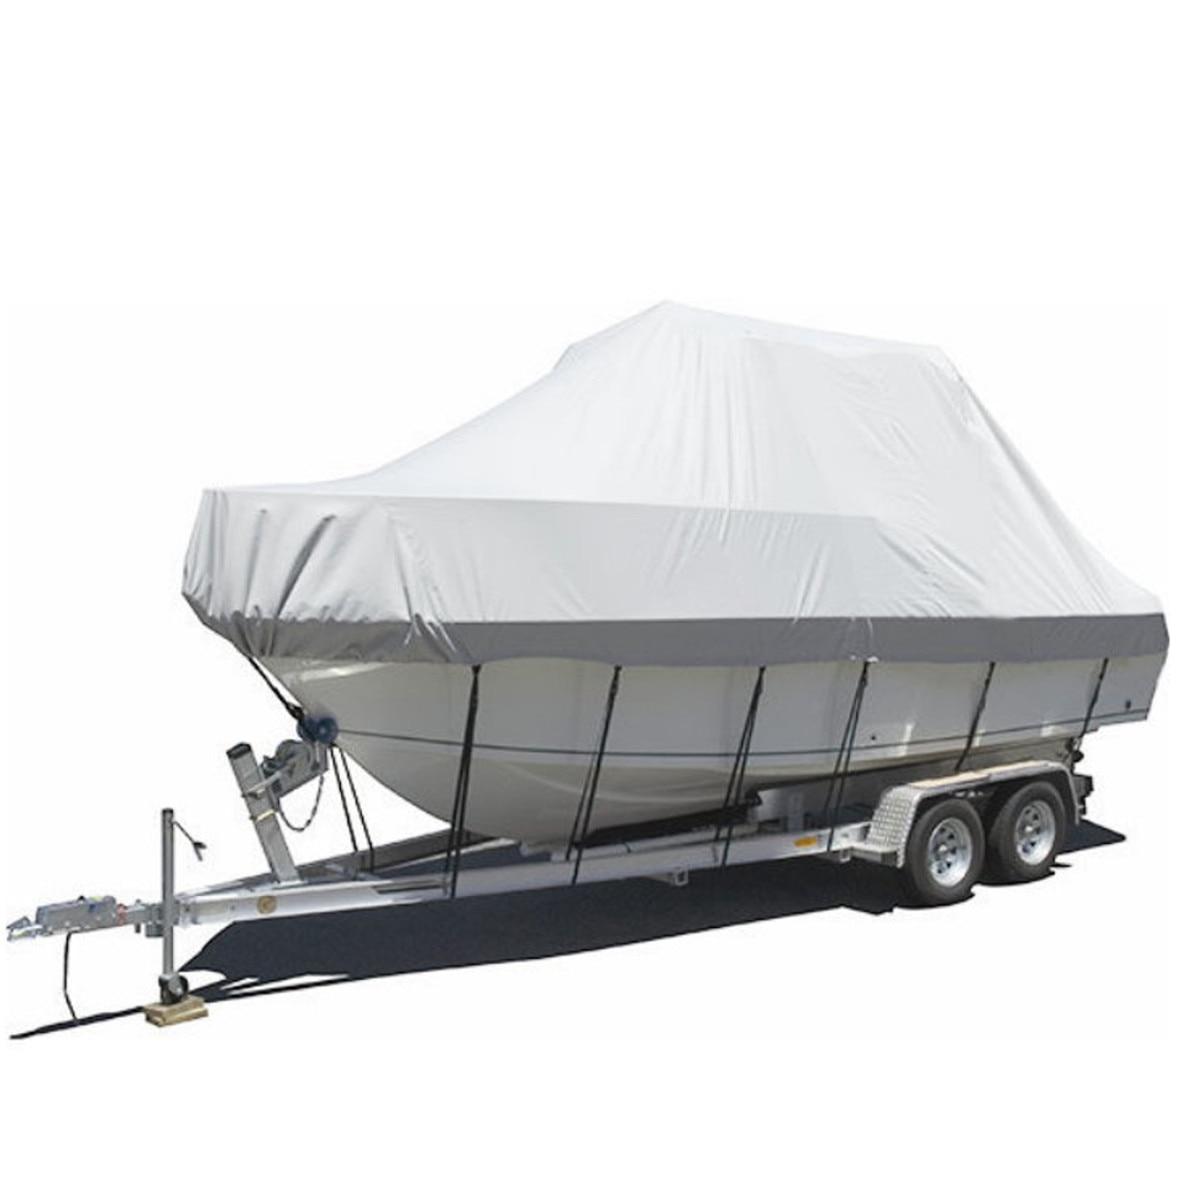 19-20ft 5.8-6.1m bateau couverture bateau marin Yacht nouvelle conception Premium robuste 600D remorquable Jumbo bateau couverture - 3